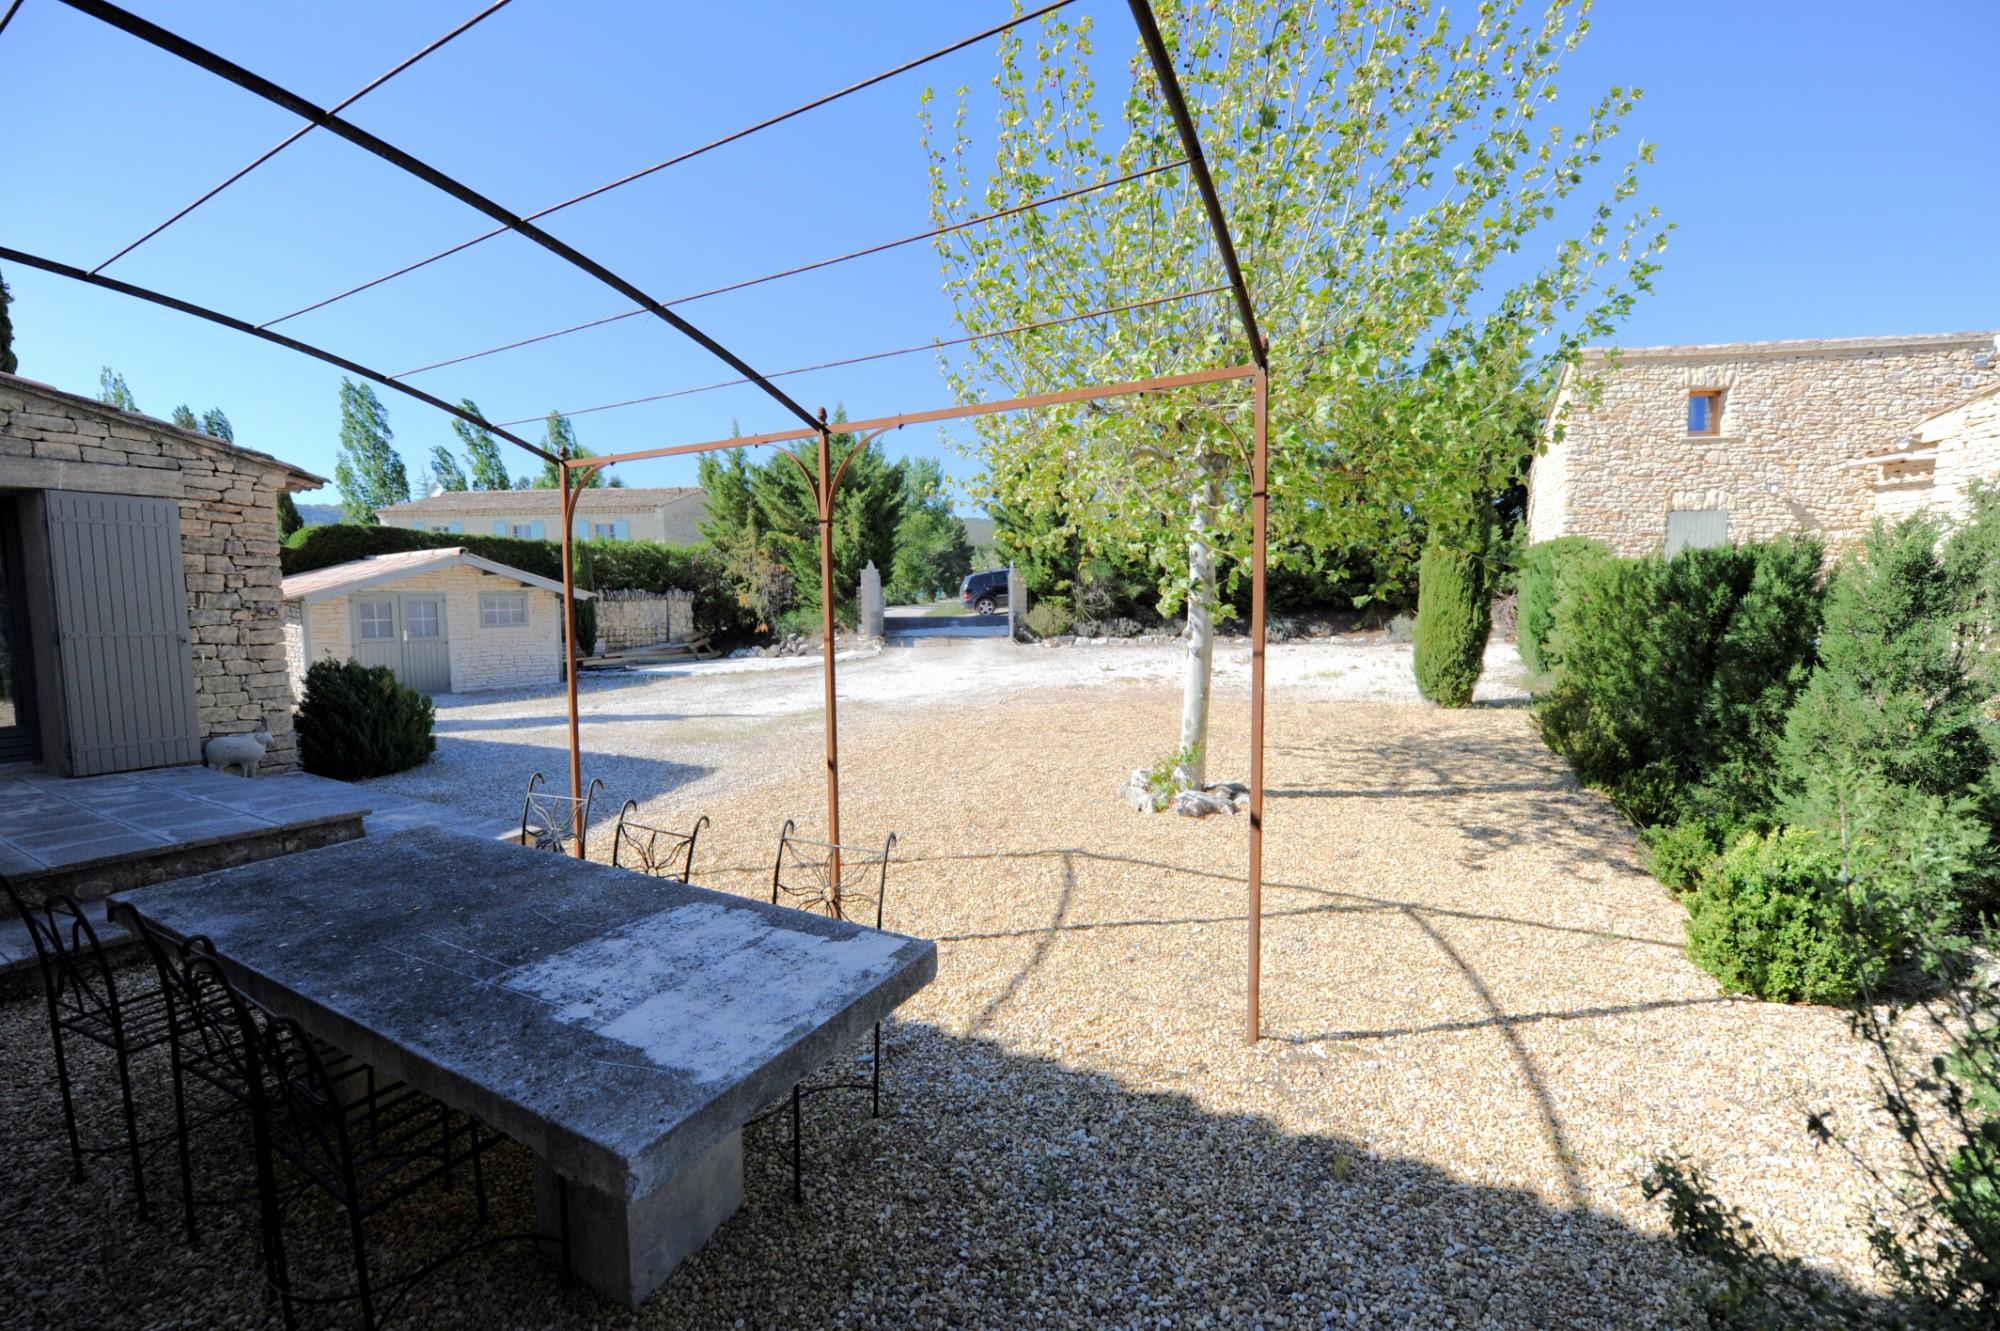 A vendre à Gordes, maison en pierres, avec piscine et vue sur le Luberon